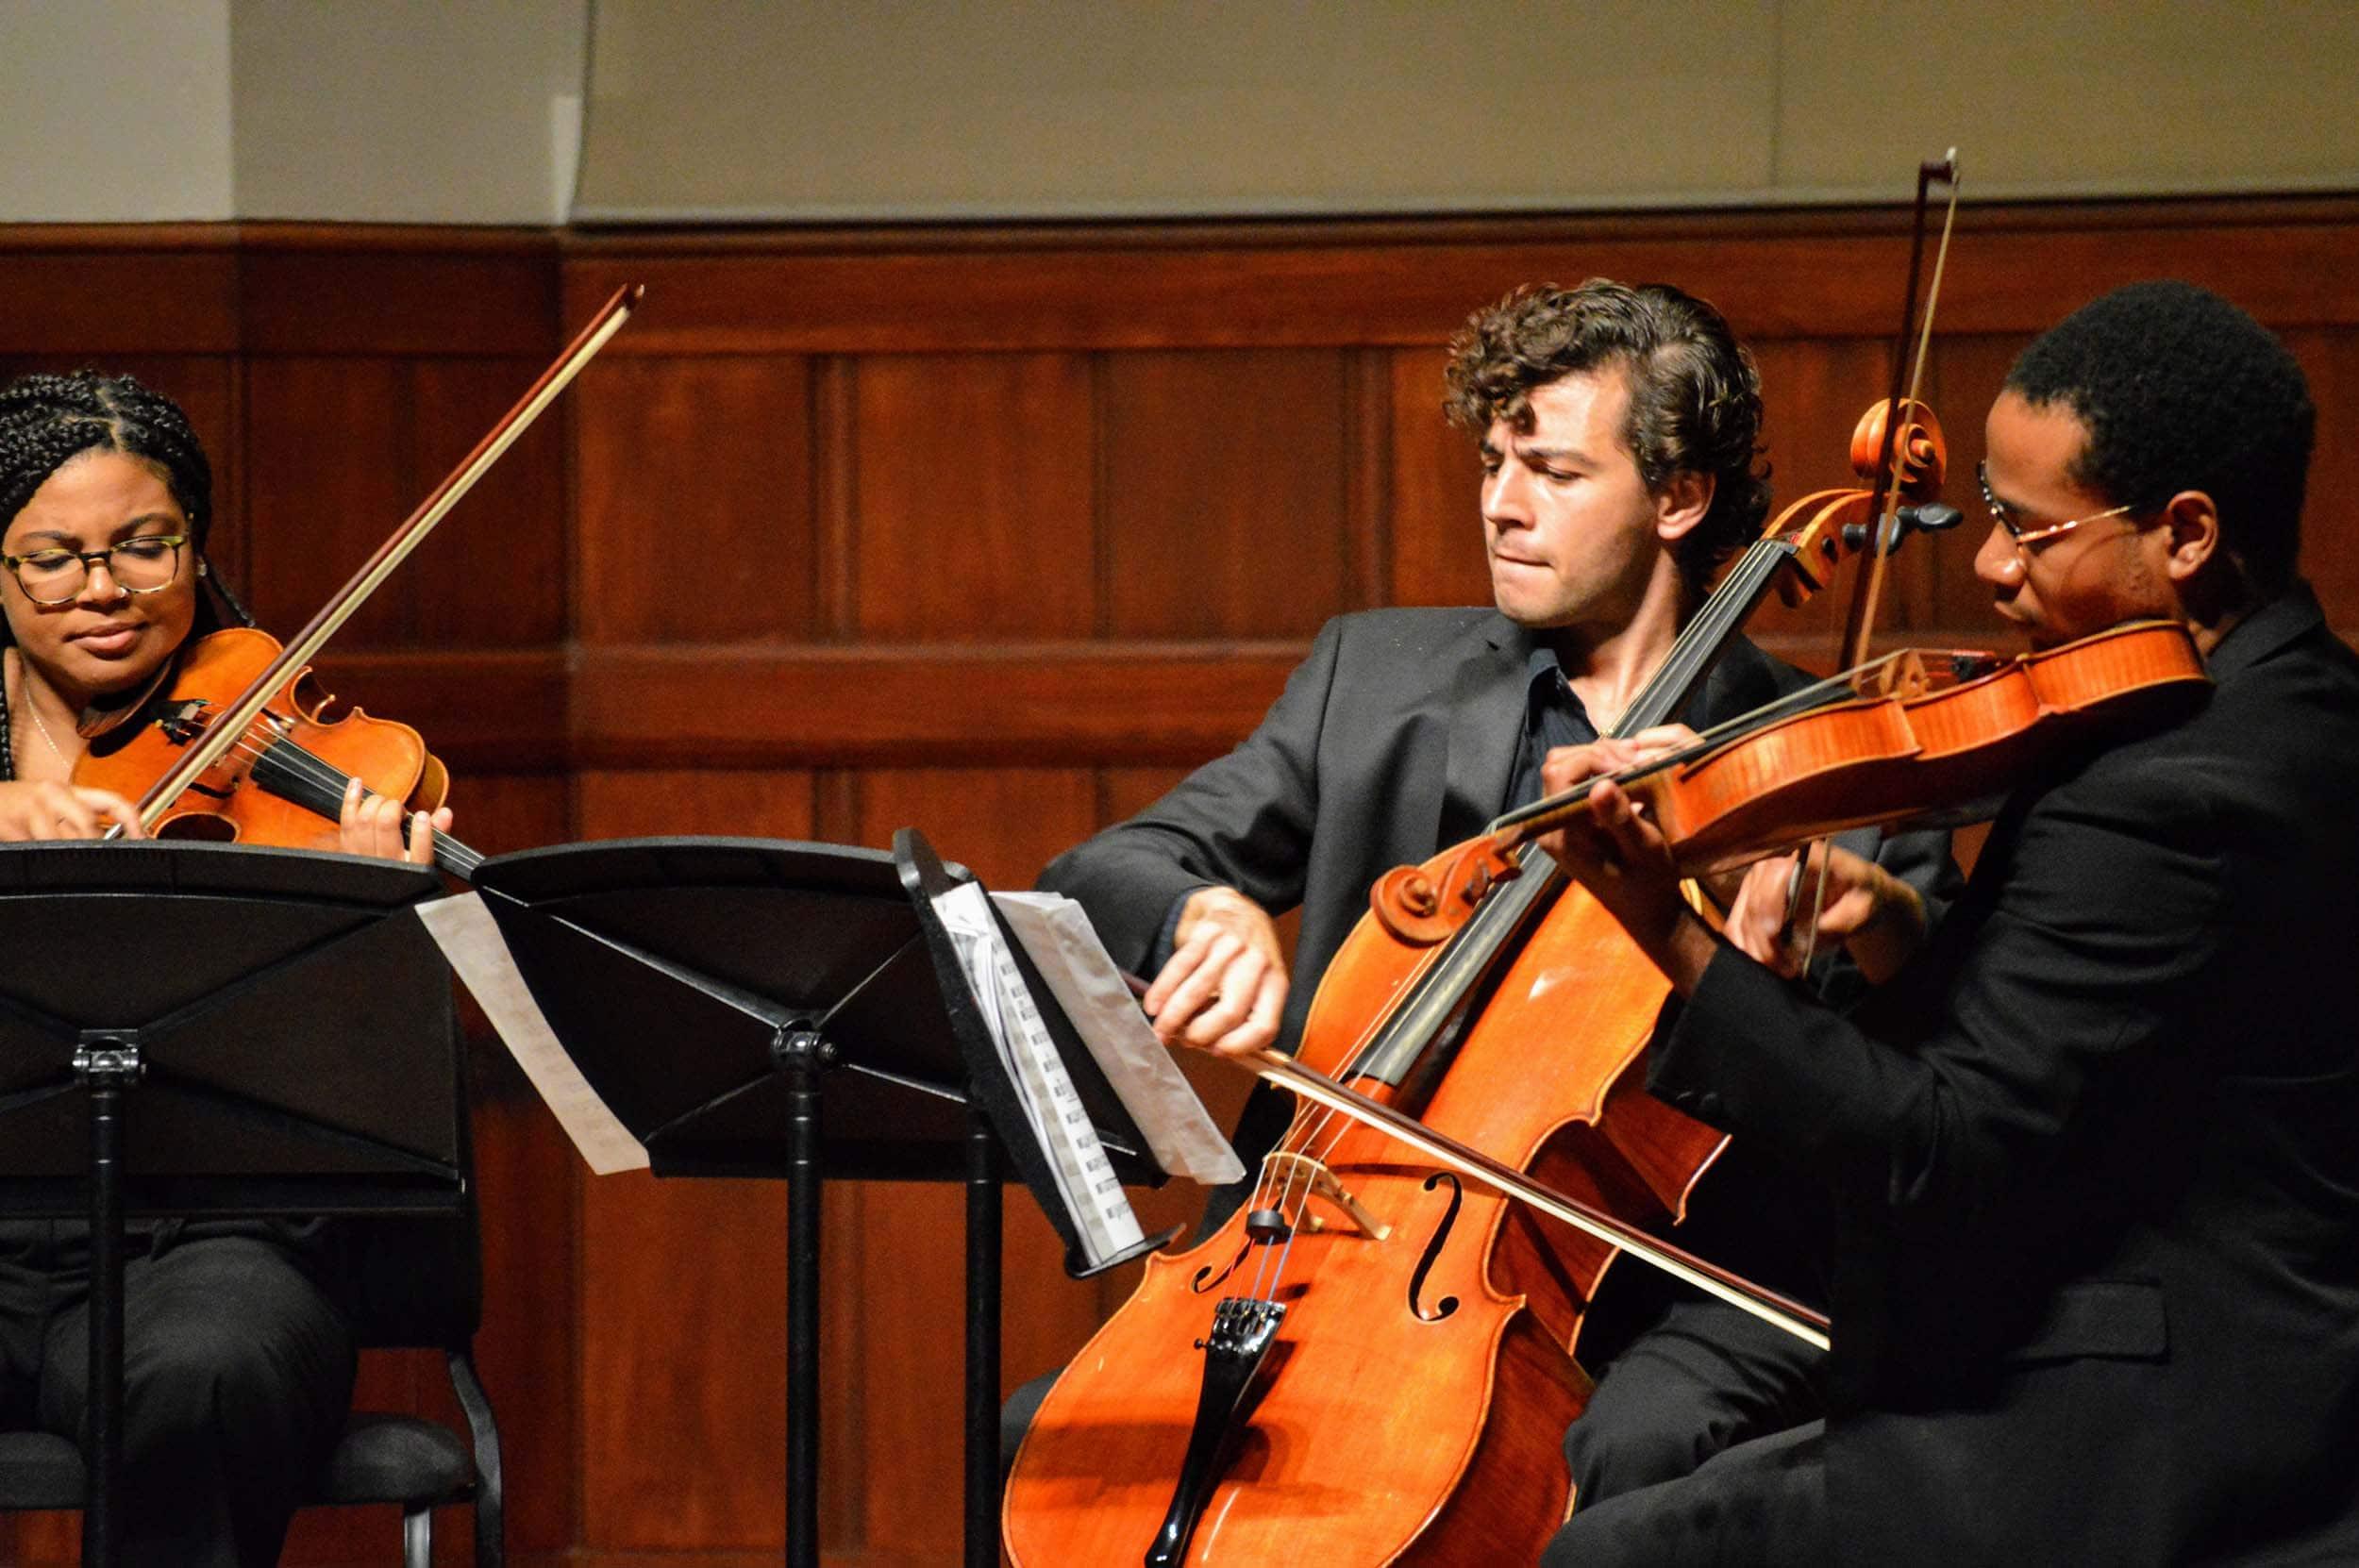 Sydney Adedamola (violin), Juan-Salvador Carrasco (cello) and Bradley Parrimore (viola)